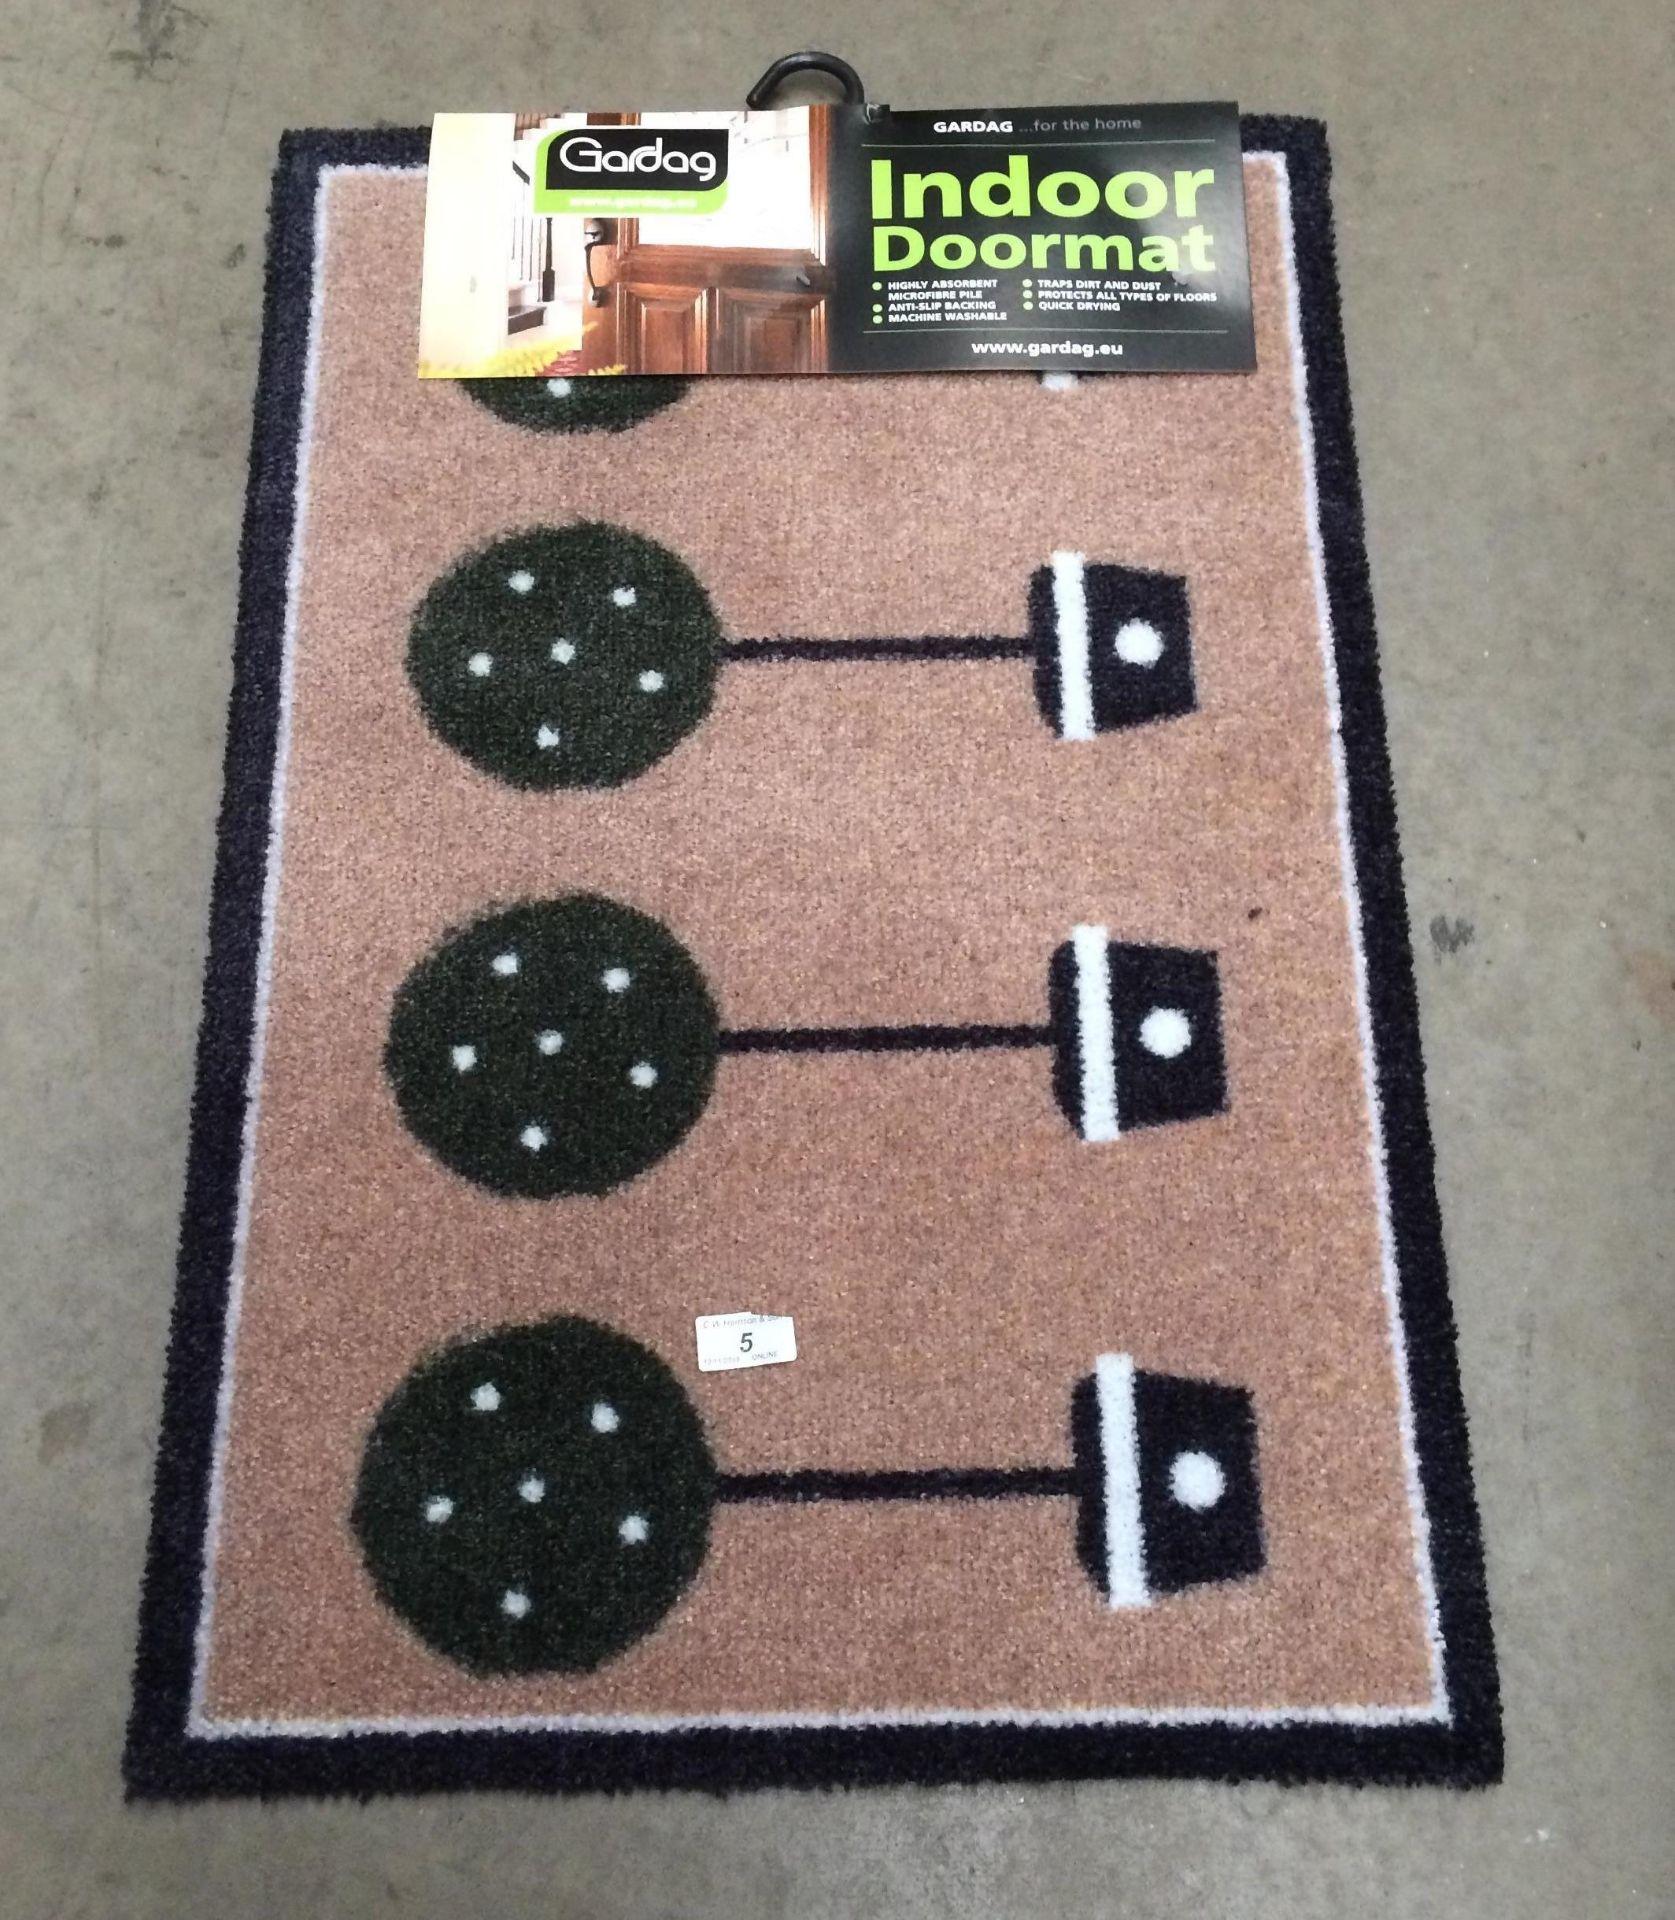 Lot 5 - 6 x Gardag Eco Flex designer topiary indoor door mats each 50 x 75cm